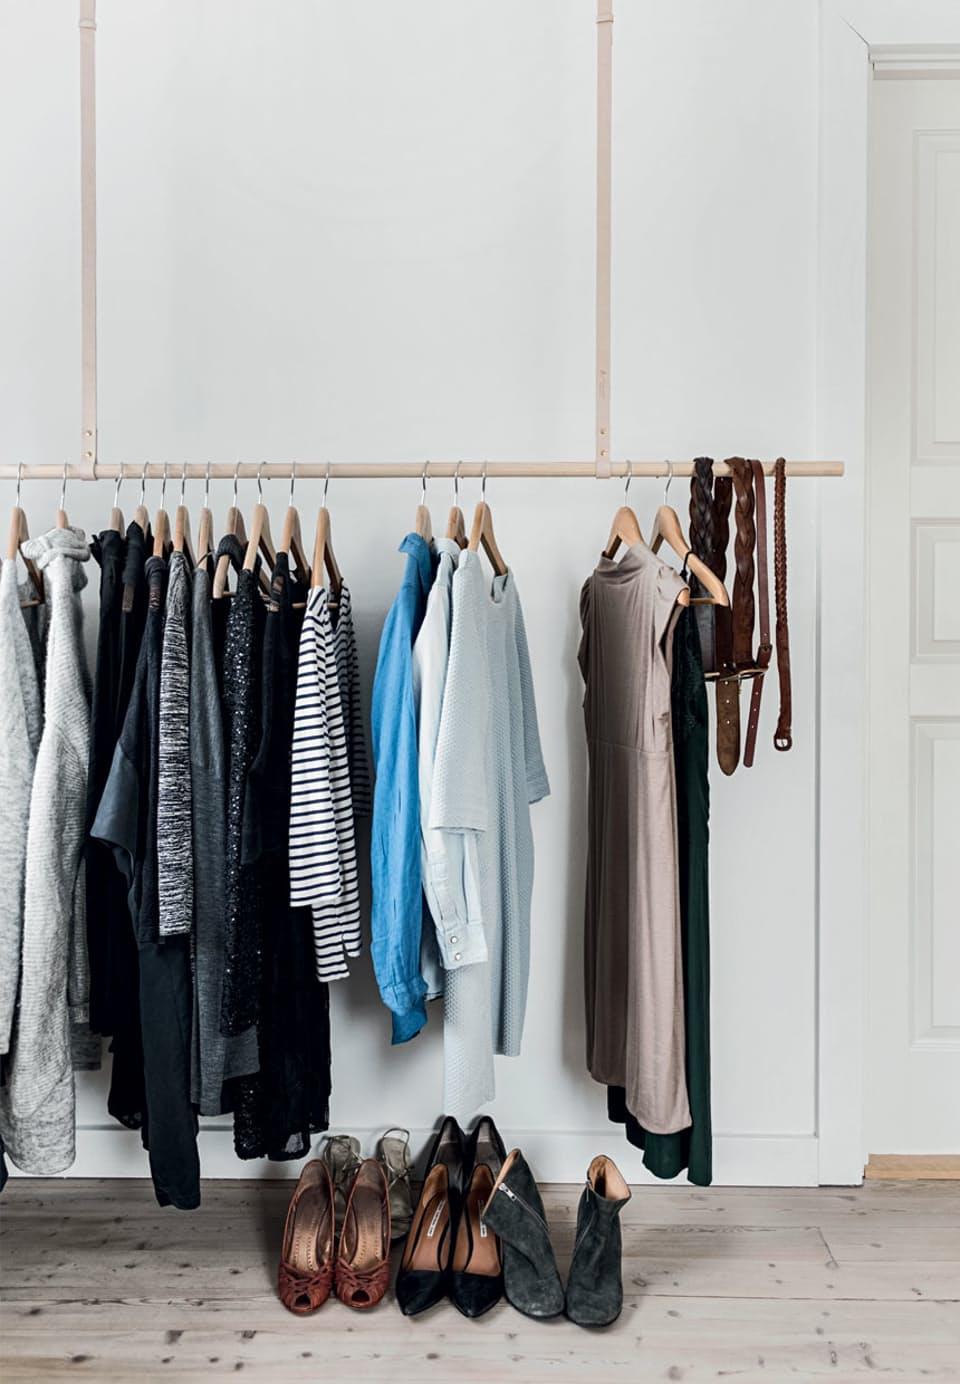 kledingrek-hangen-plafond